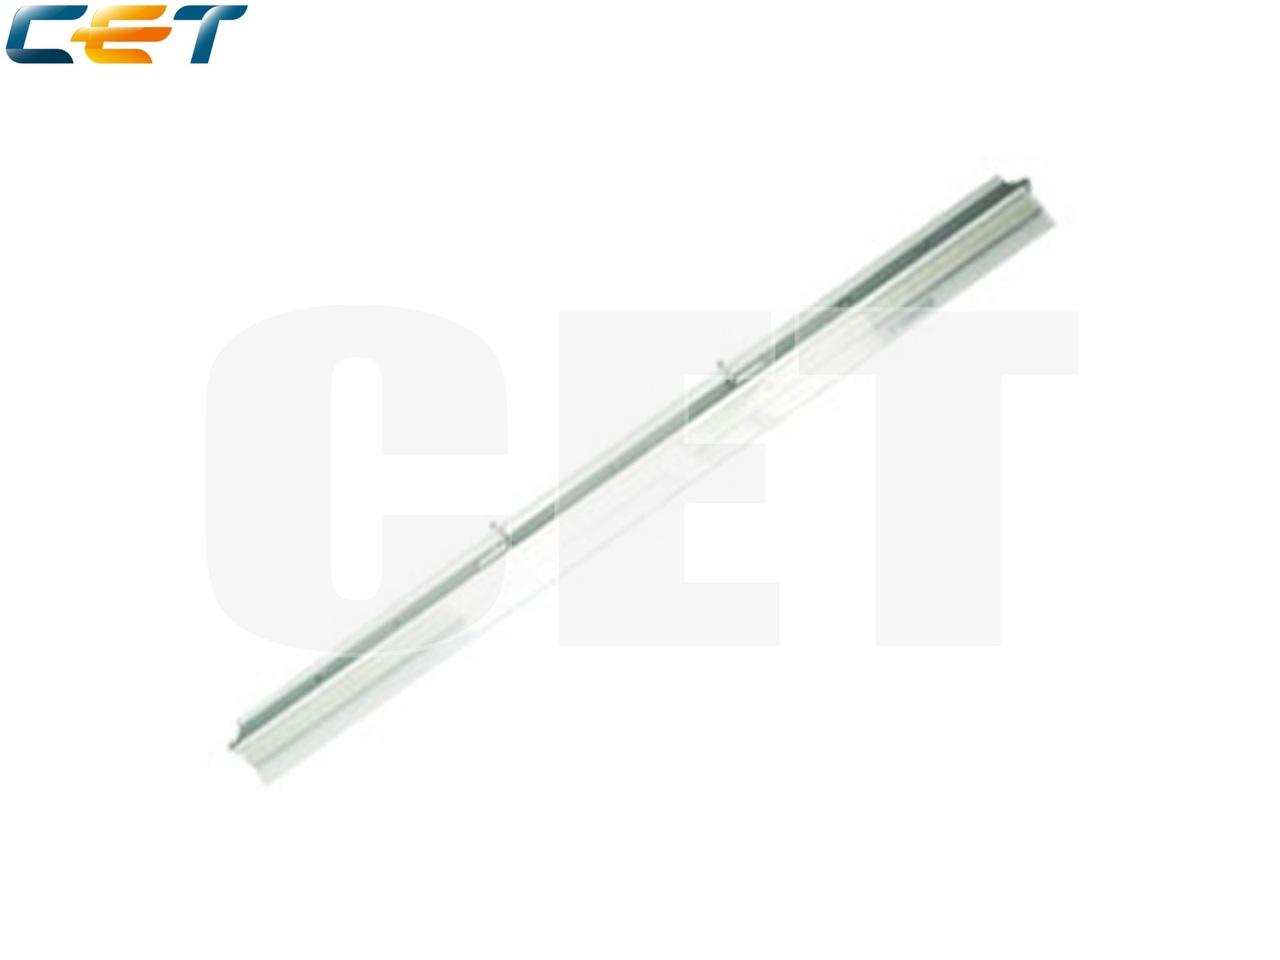 Ракель 1136-0901-01 для KONICA MINOLTA Di450/470/550(CET), CET4516